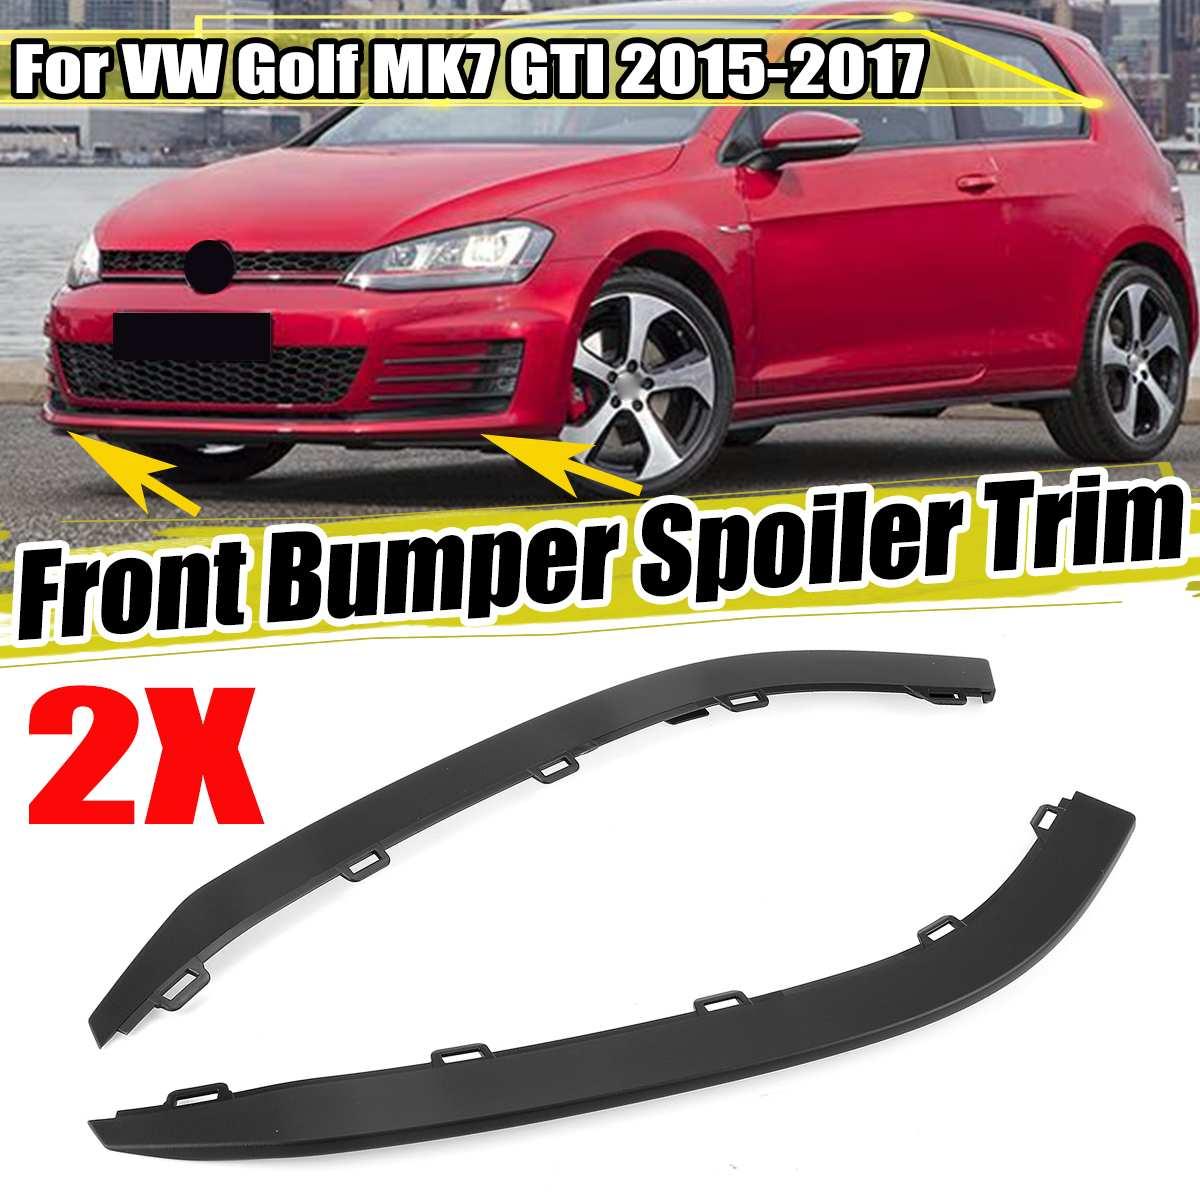 2 piezas parachoques delantero de coche labio inferior alerón Deflector de aire moldura para VW para Golf MK7 GTI 2015-2017 5GG8059039B9 5GG8059049B9